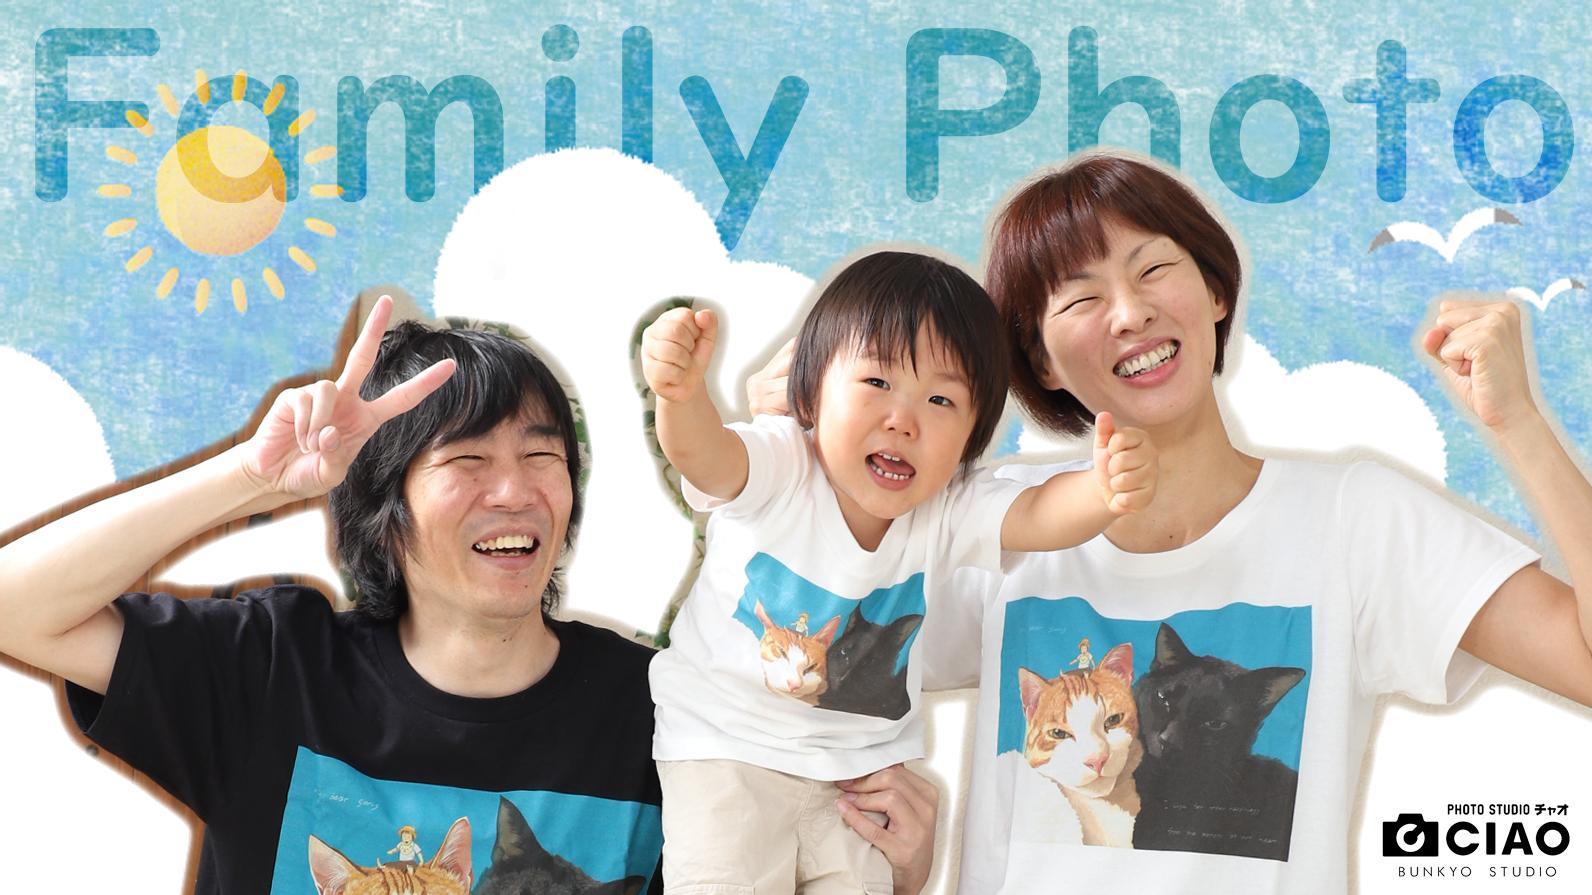 ファミリーフォトキャンペーン!☆金沢伏見台店